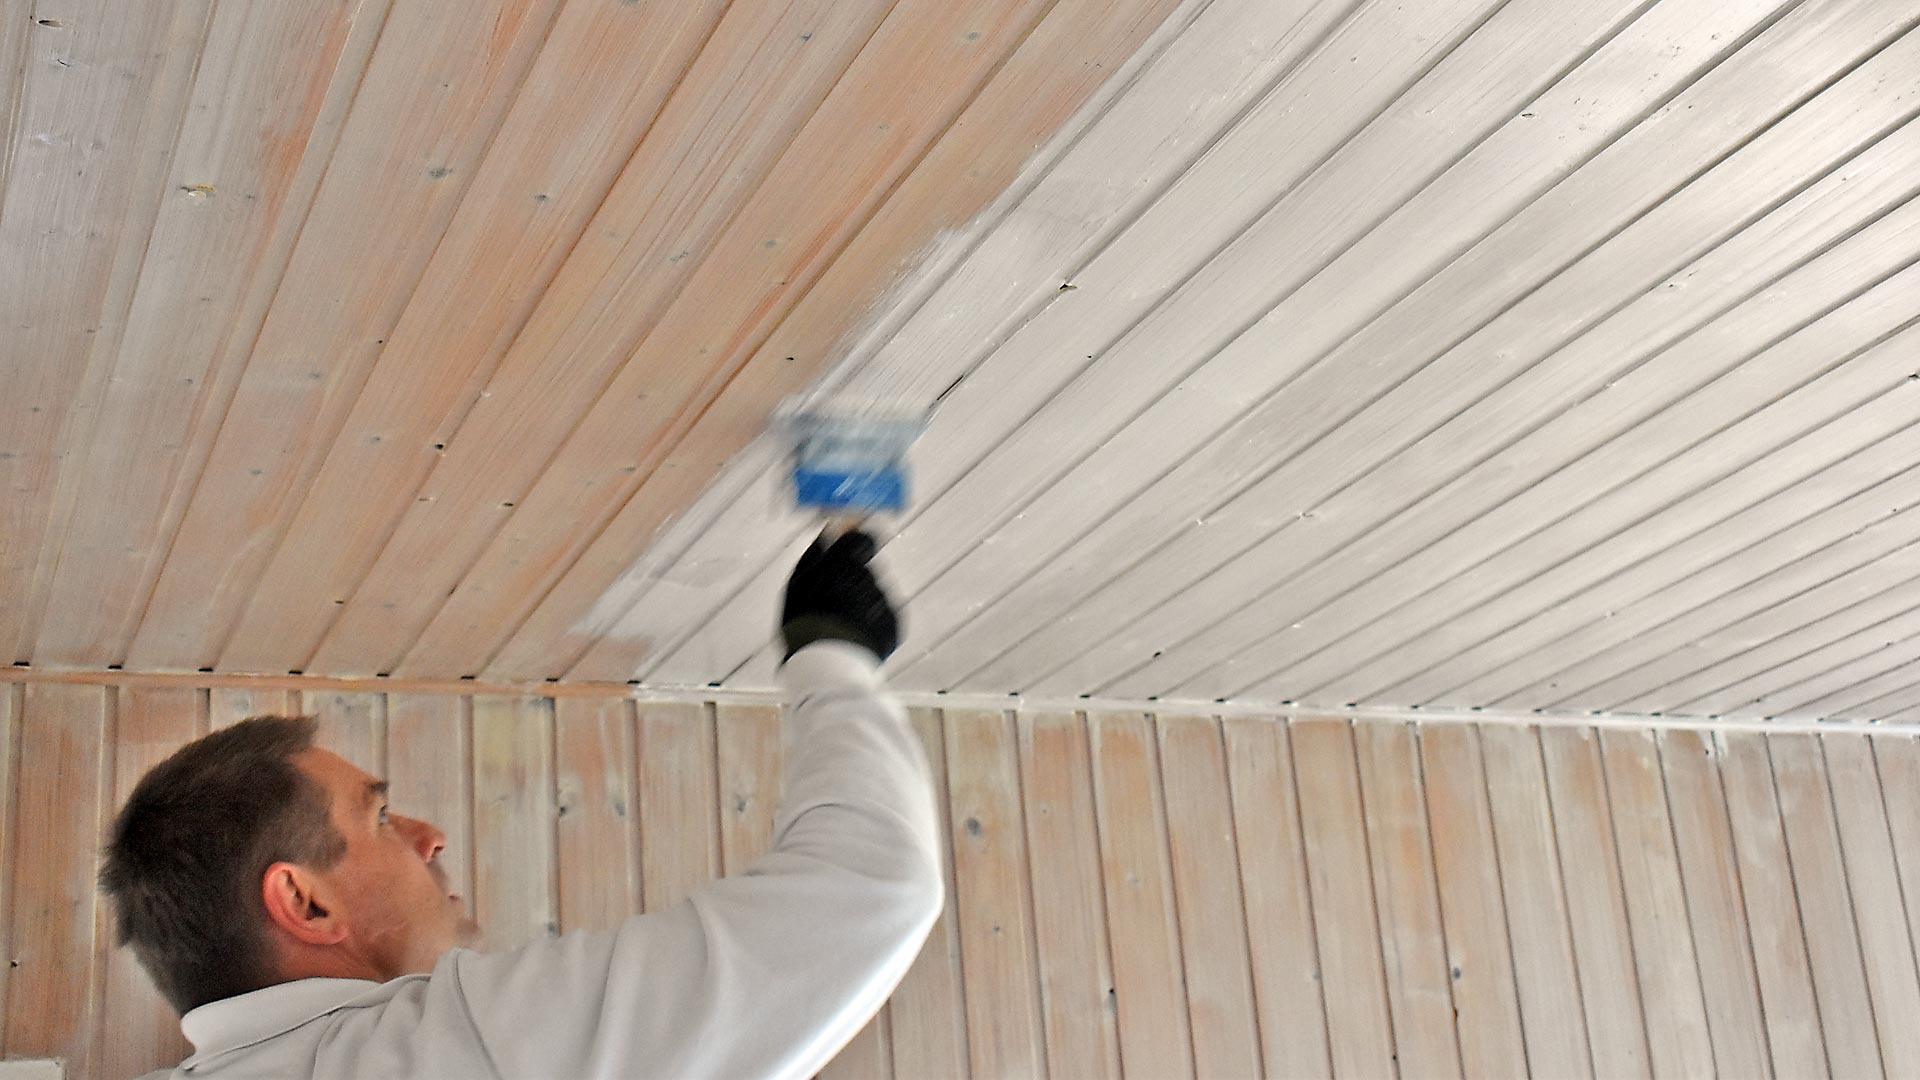 Super Lackierarbeiten Holzschutz Lasur Holzdecke streichen Schortens FS89